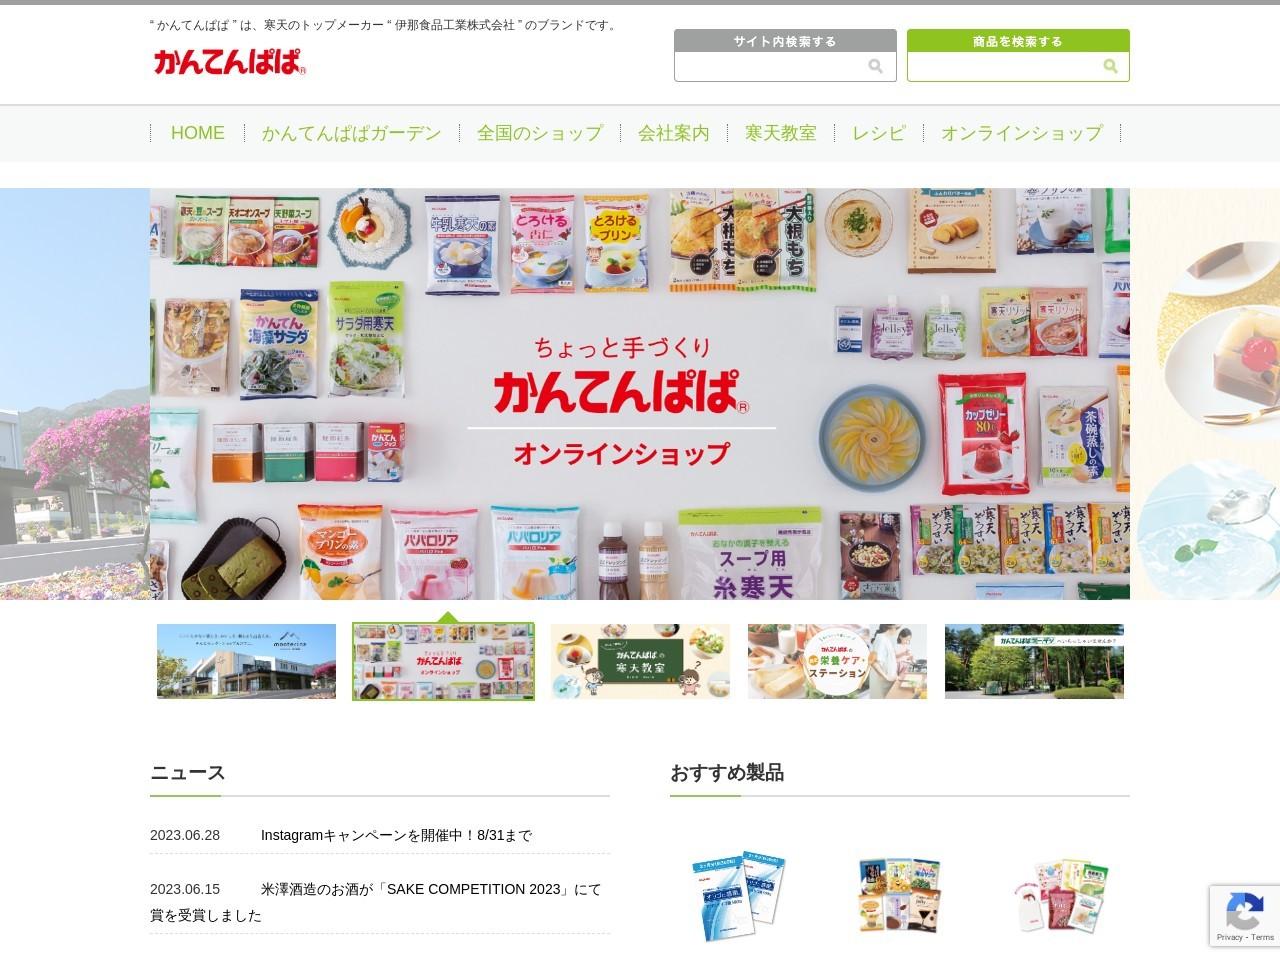 かんてんぱぱ(伊那食品工業株式会社)